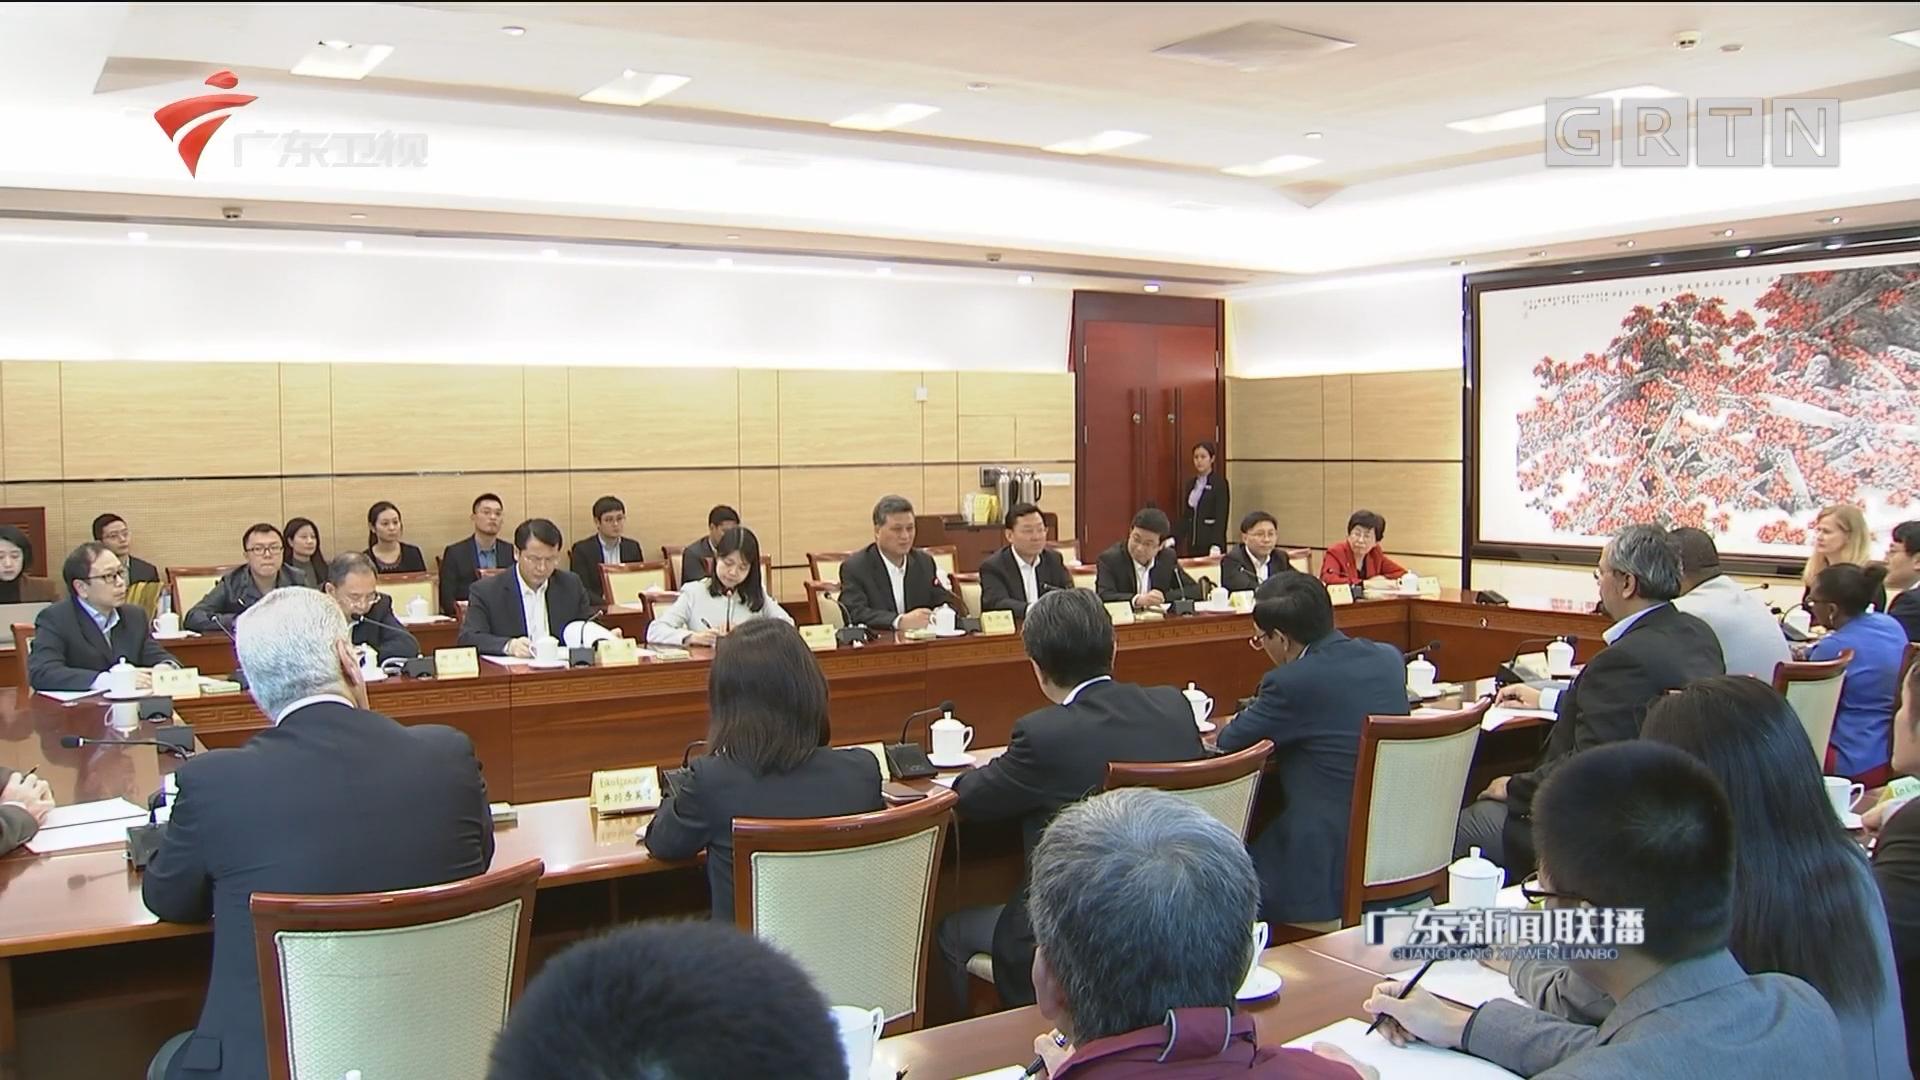 马兴瑞会见外国驻港领团商会媒体联合参访团